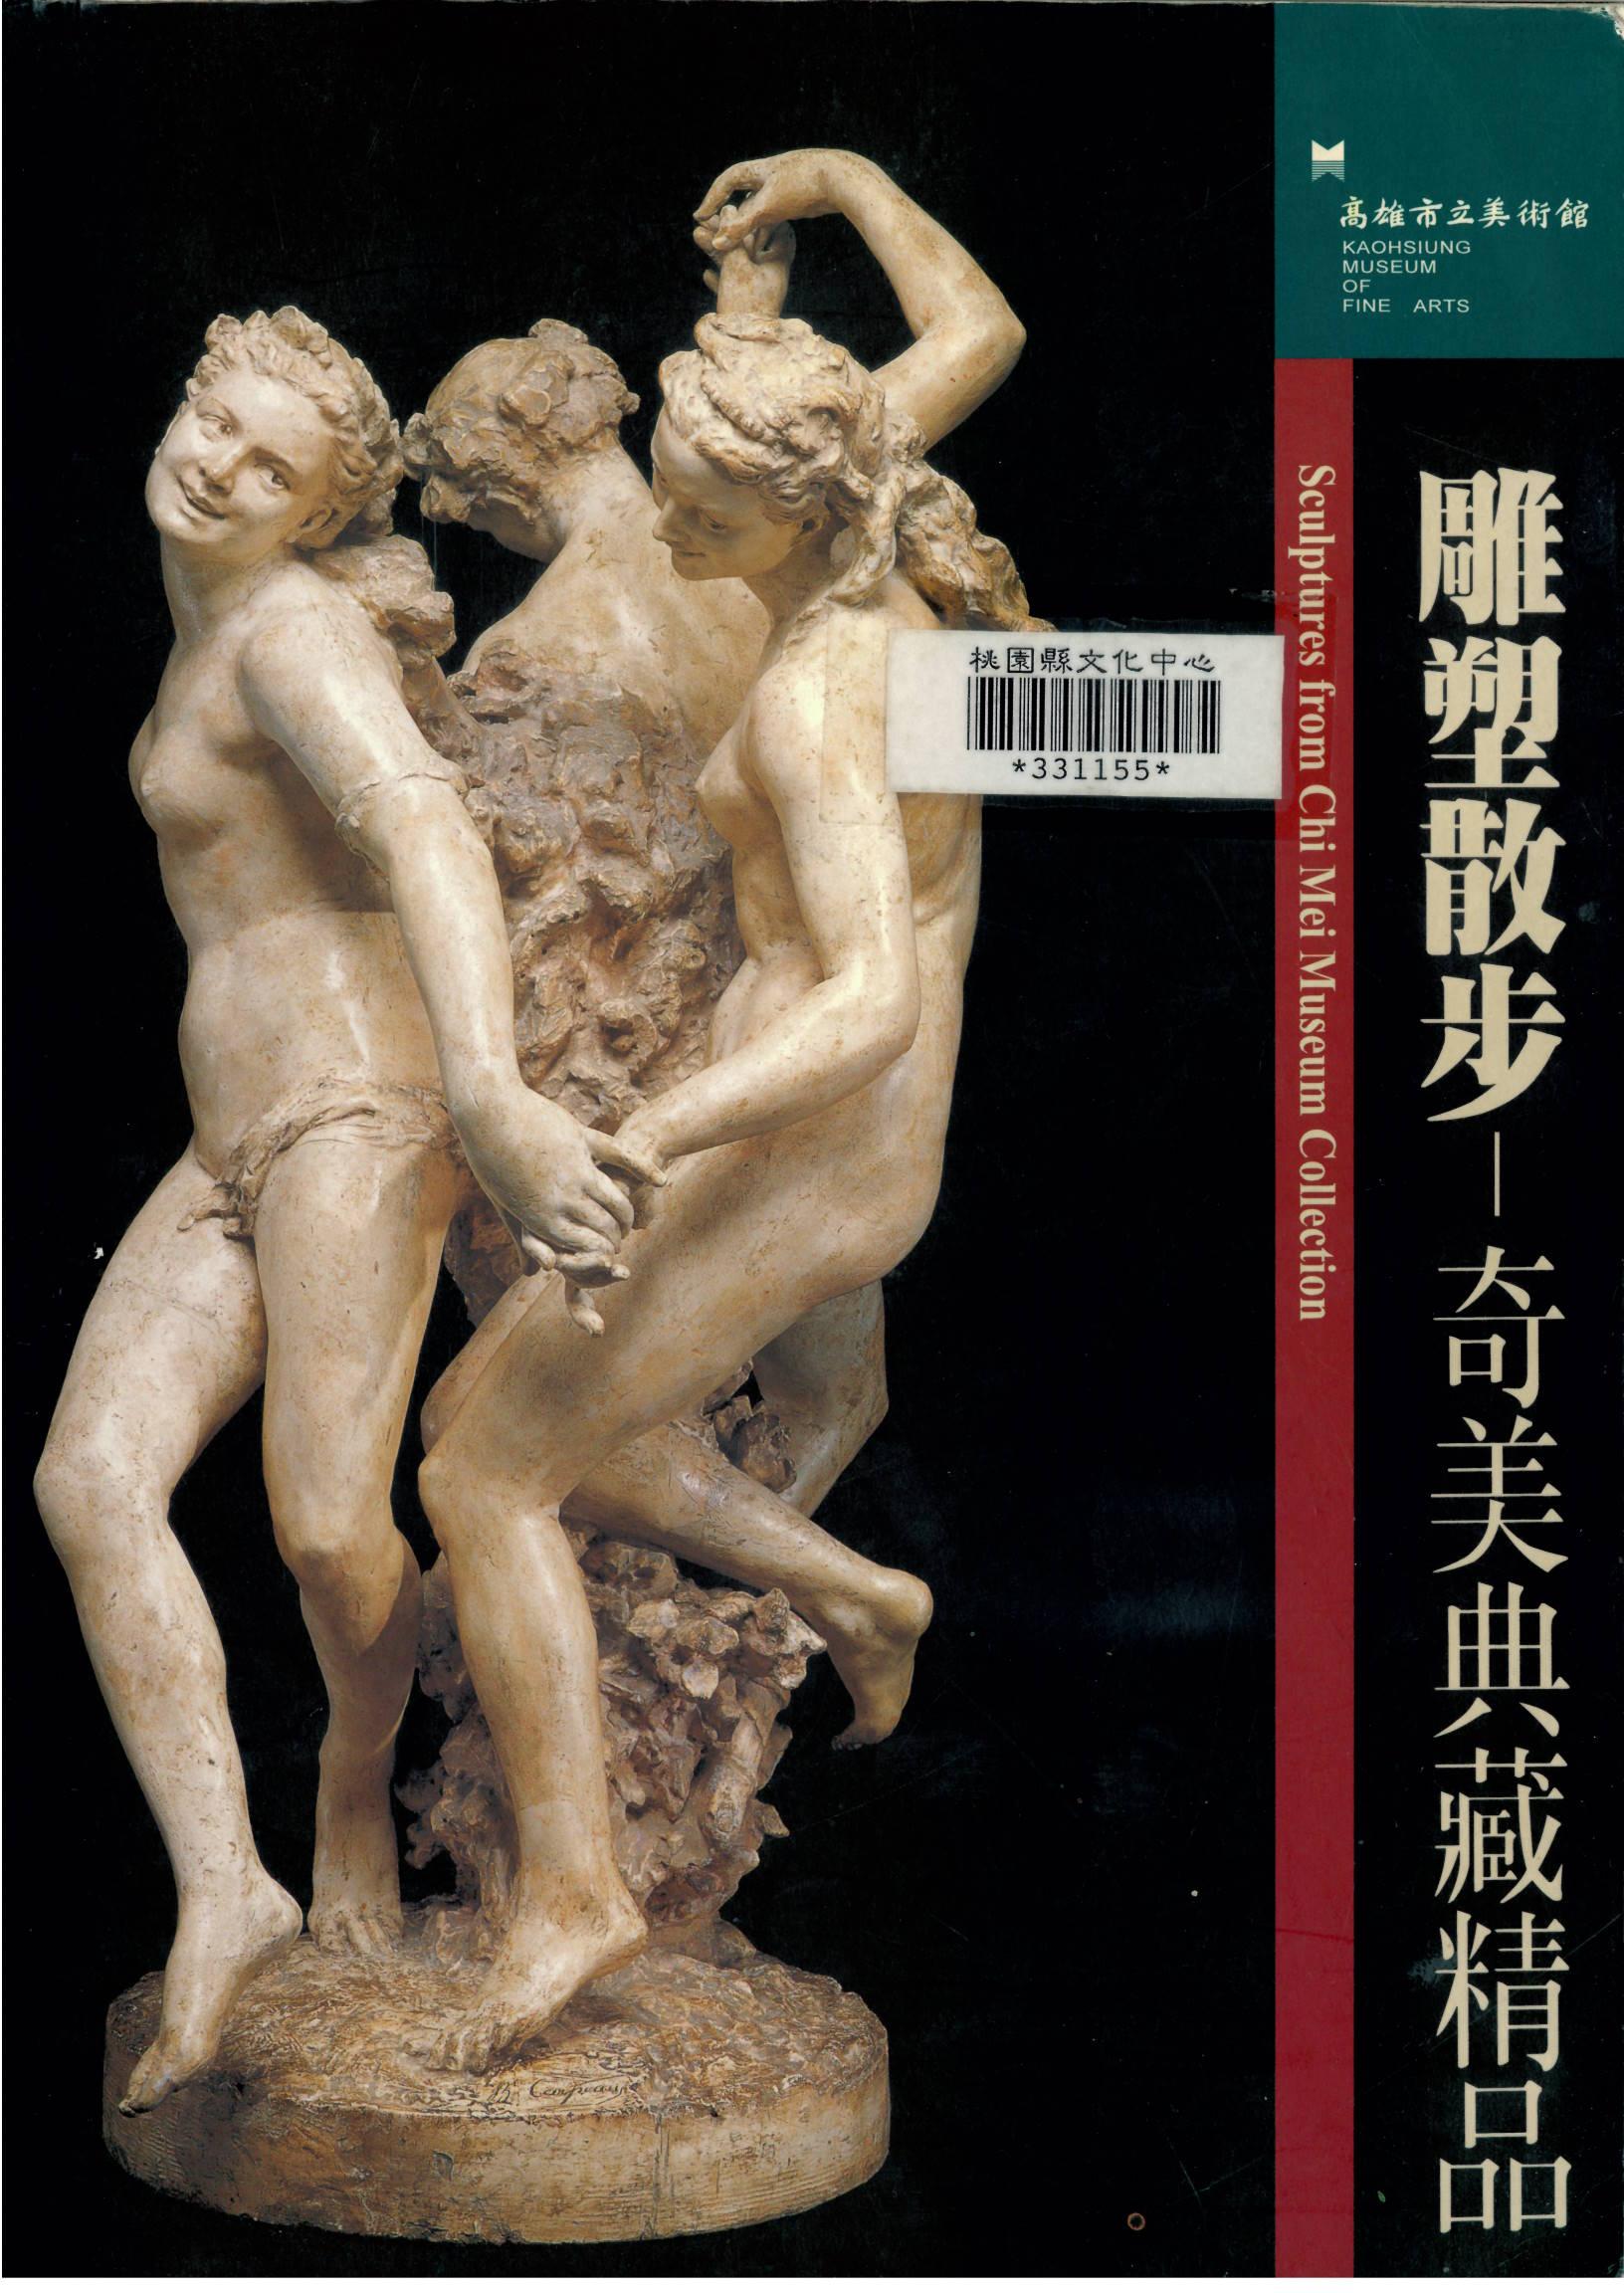 雕塑散步-奇美典藏精品